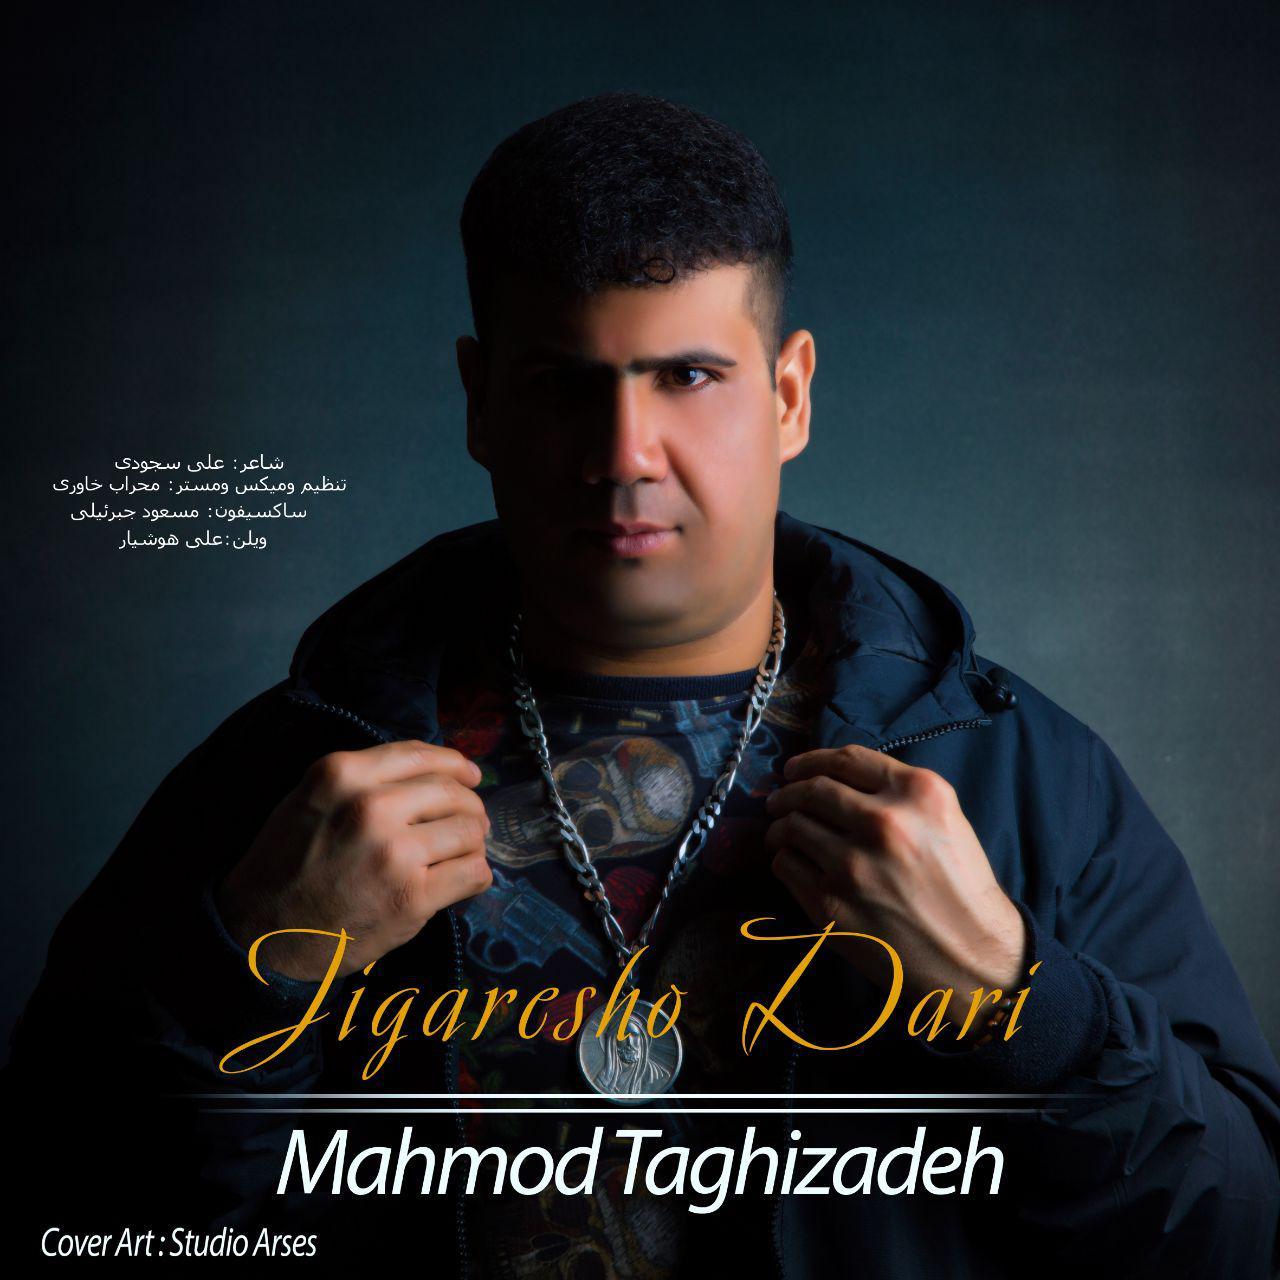 محمود تقی زاده به نام جیگرشو داری